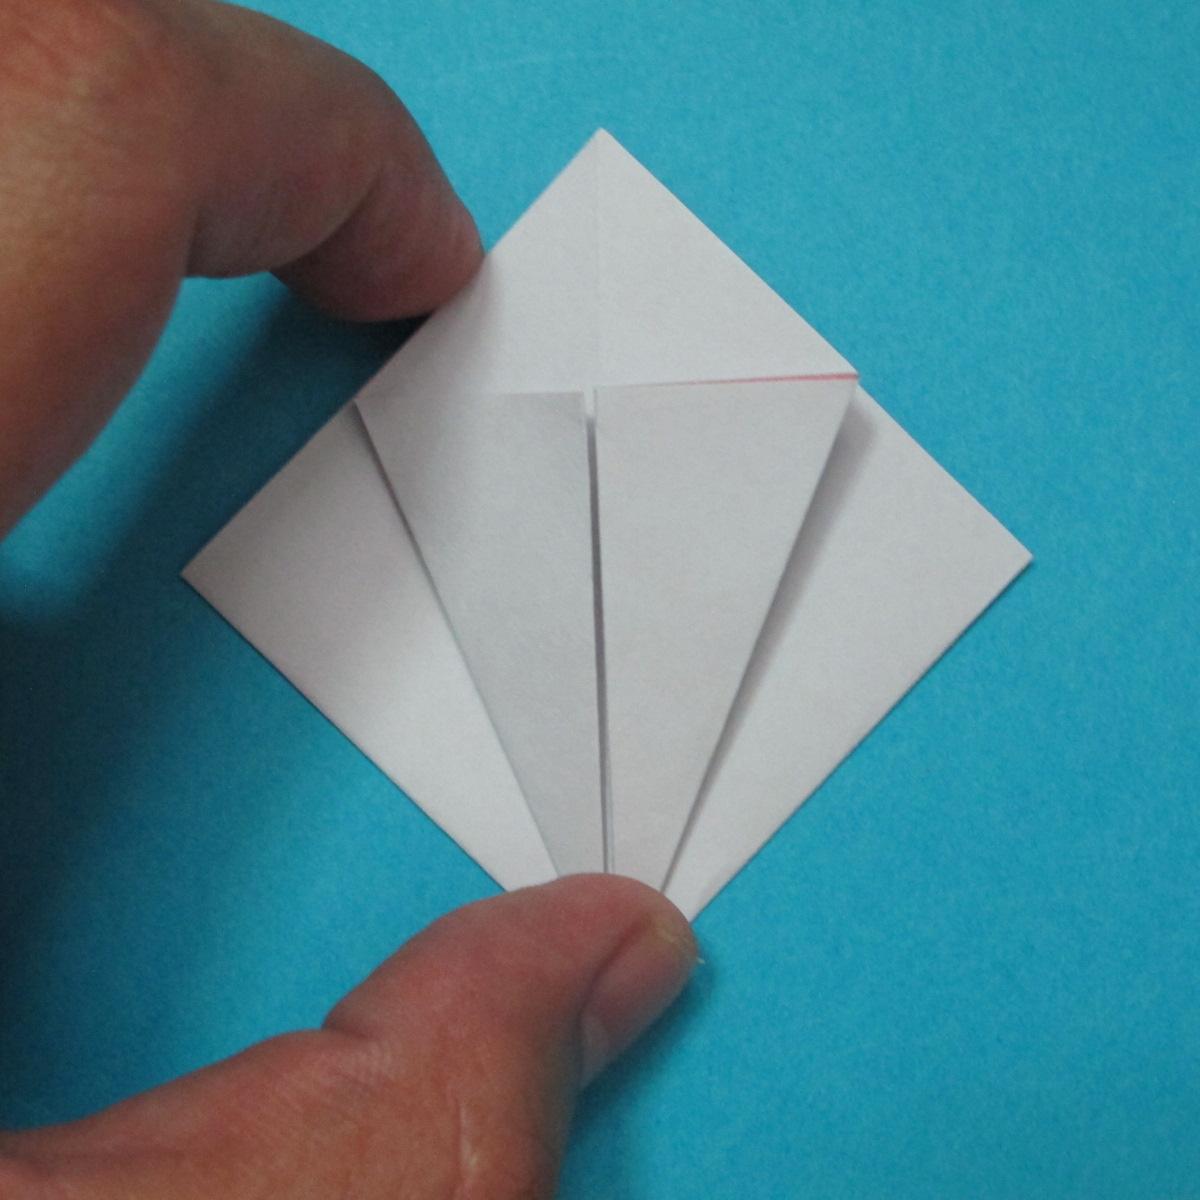 วิธีการพับกระดาษเป็นดอกไม้แปดกลีบ 006